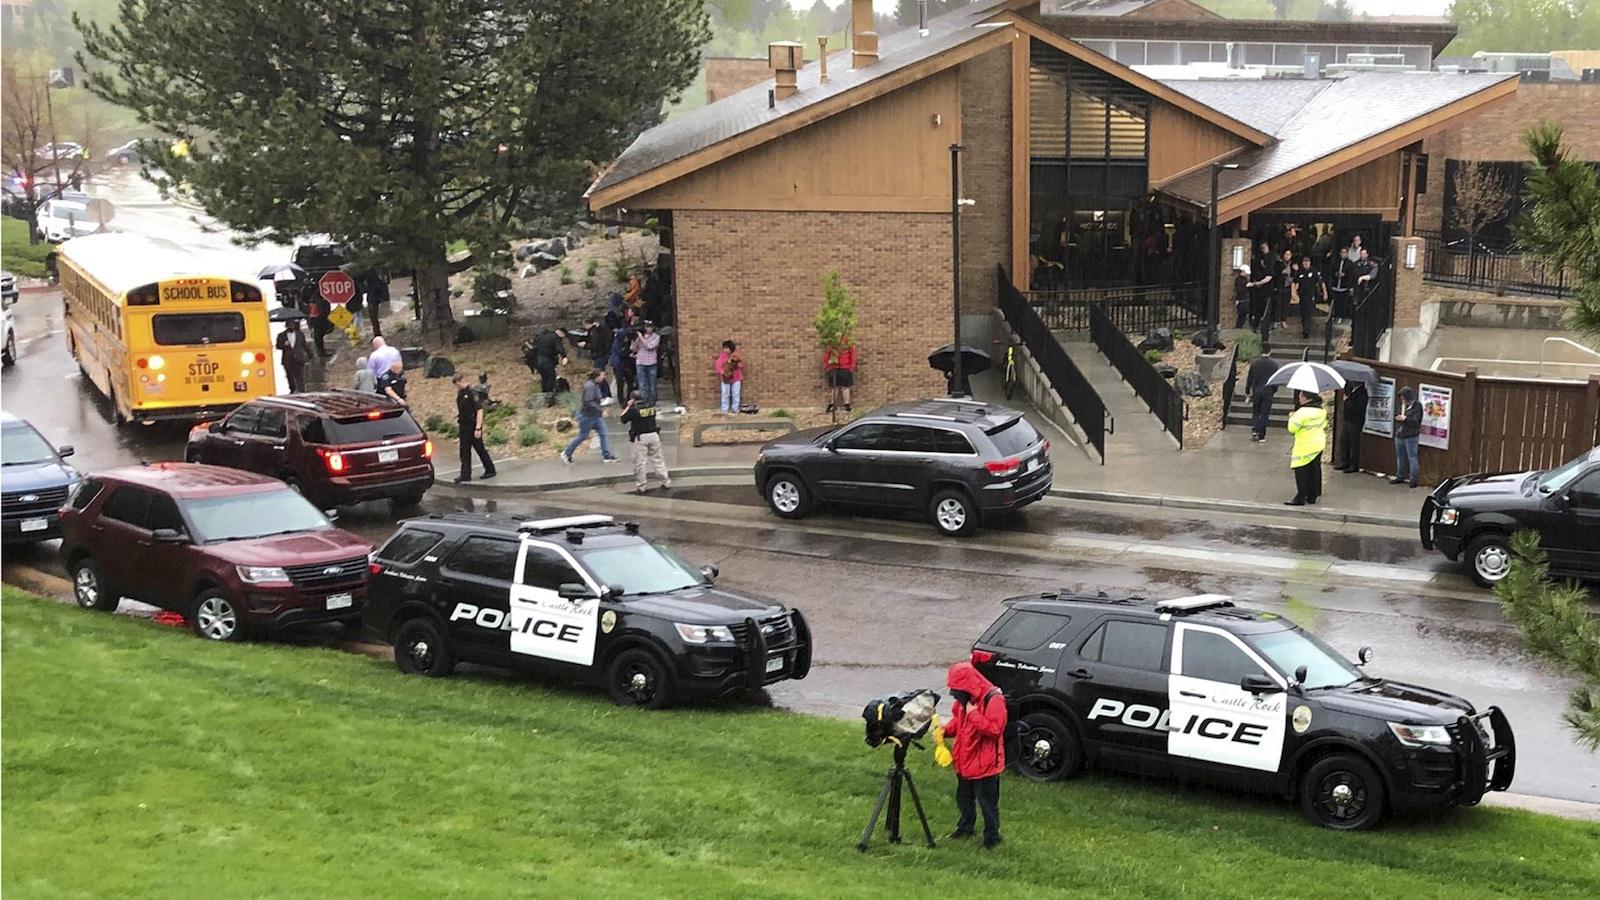 Etats-Unis: Fusillade dans une école américaine, un mort - Faits Divers